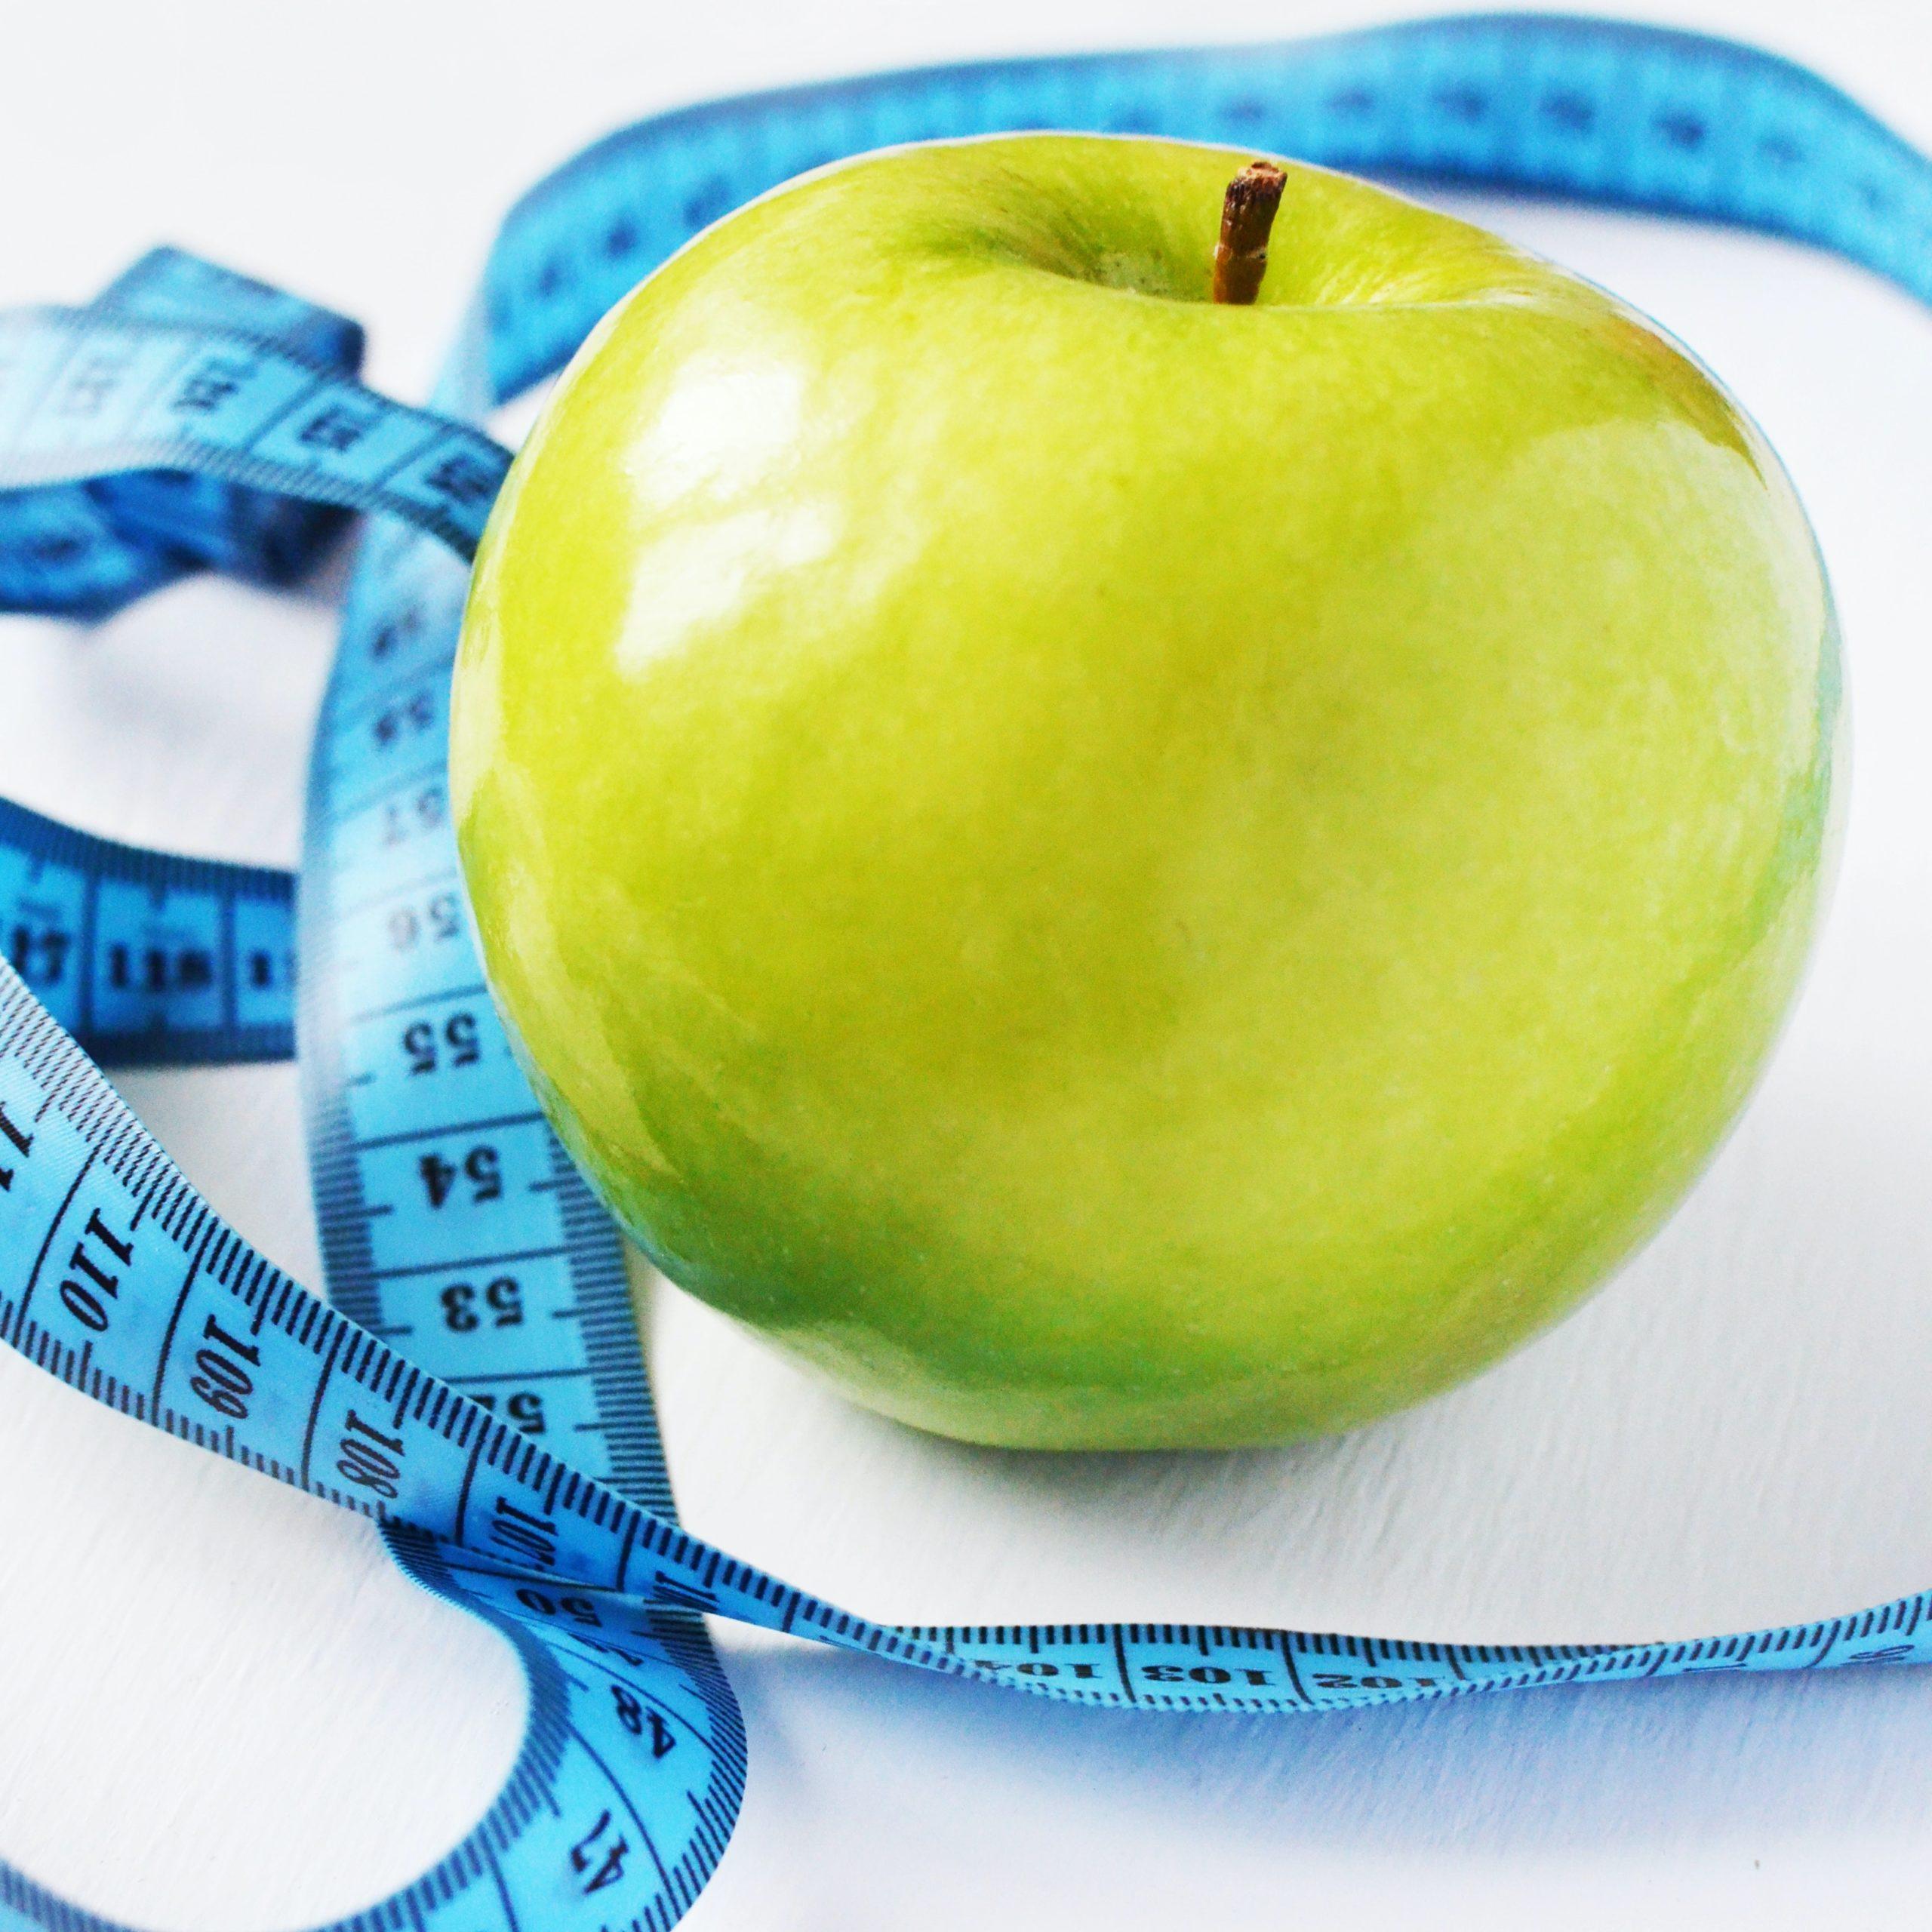 w-jaki-sposob-psycholog-moze-pomoc-w-walce-z-nadwaga-i-otyloscia